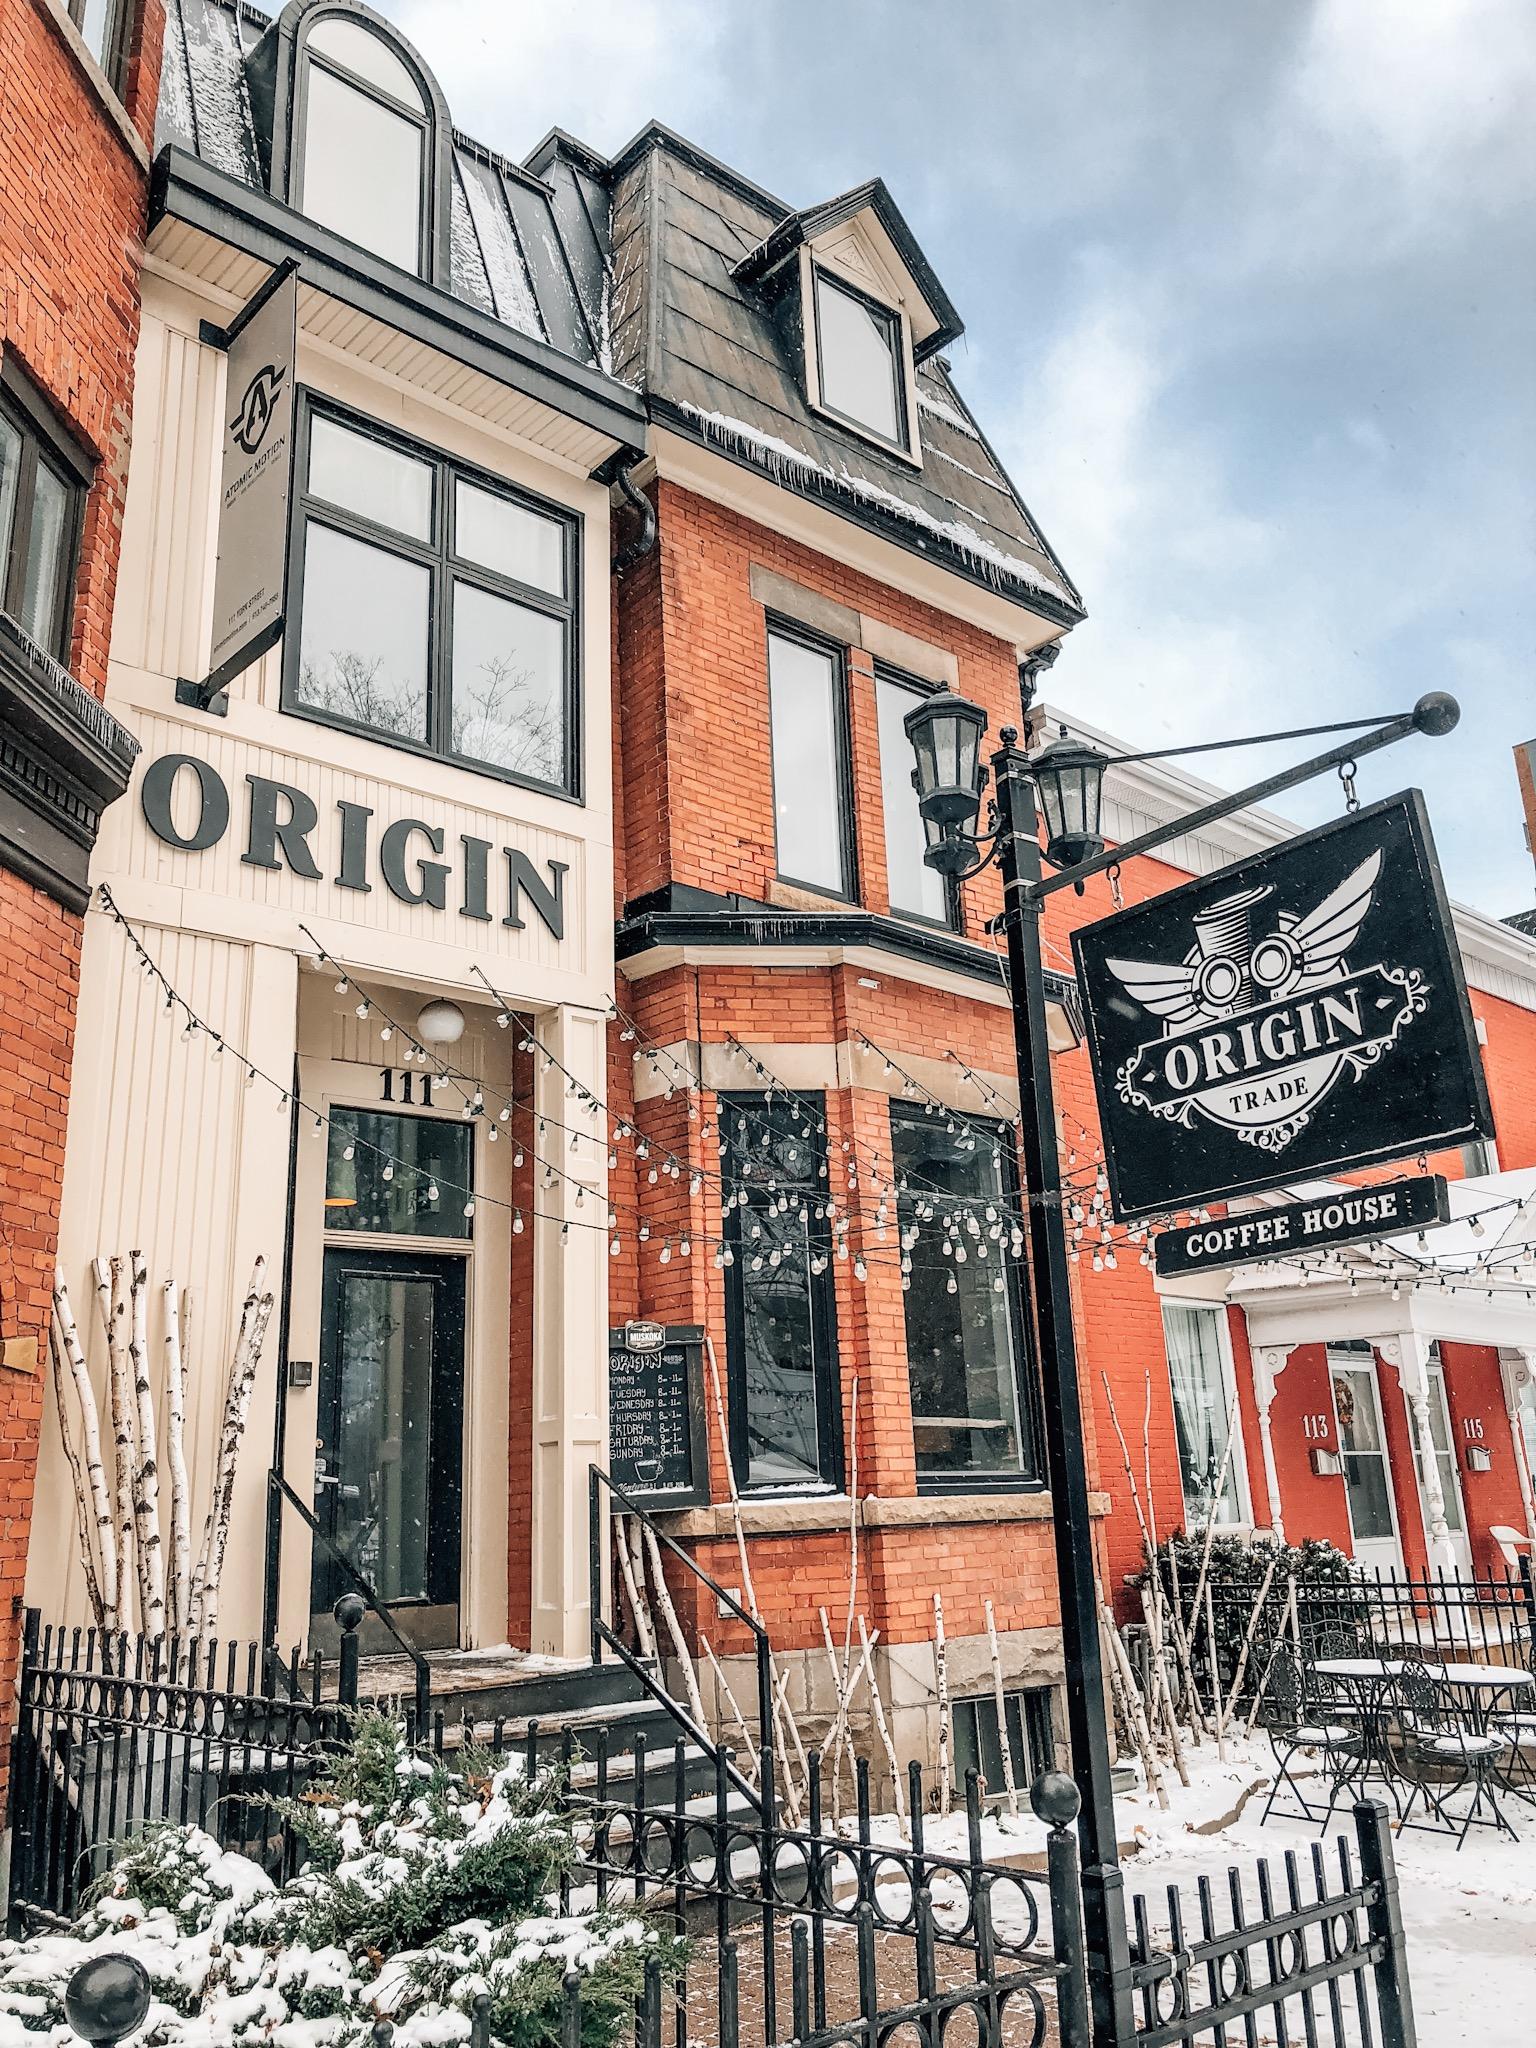 Origin Trade Co. Coffee in Ottawa, ON